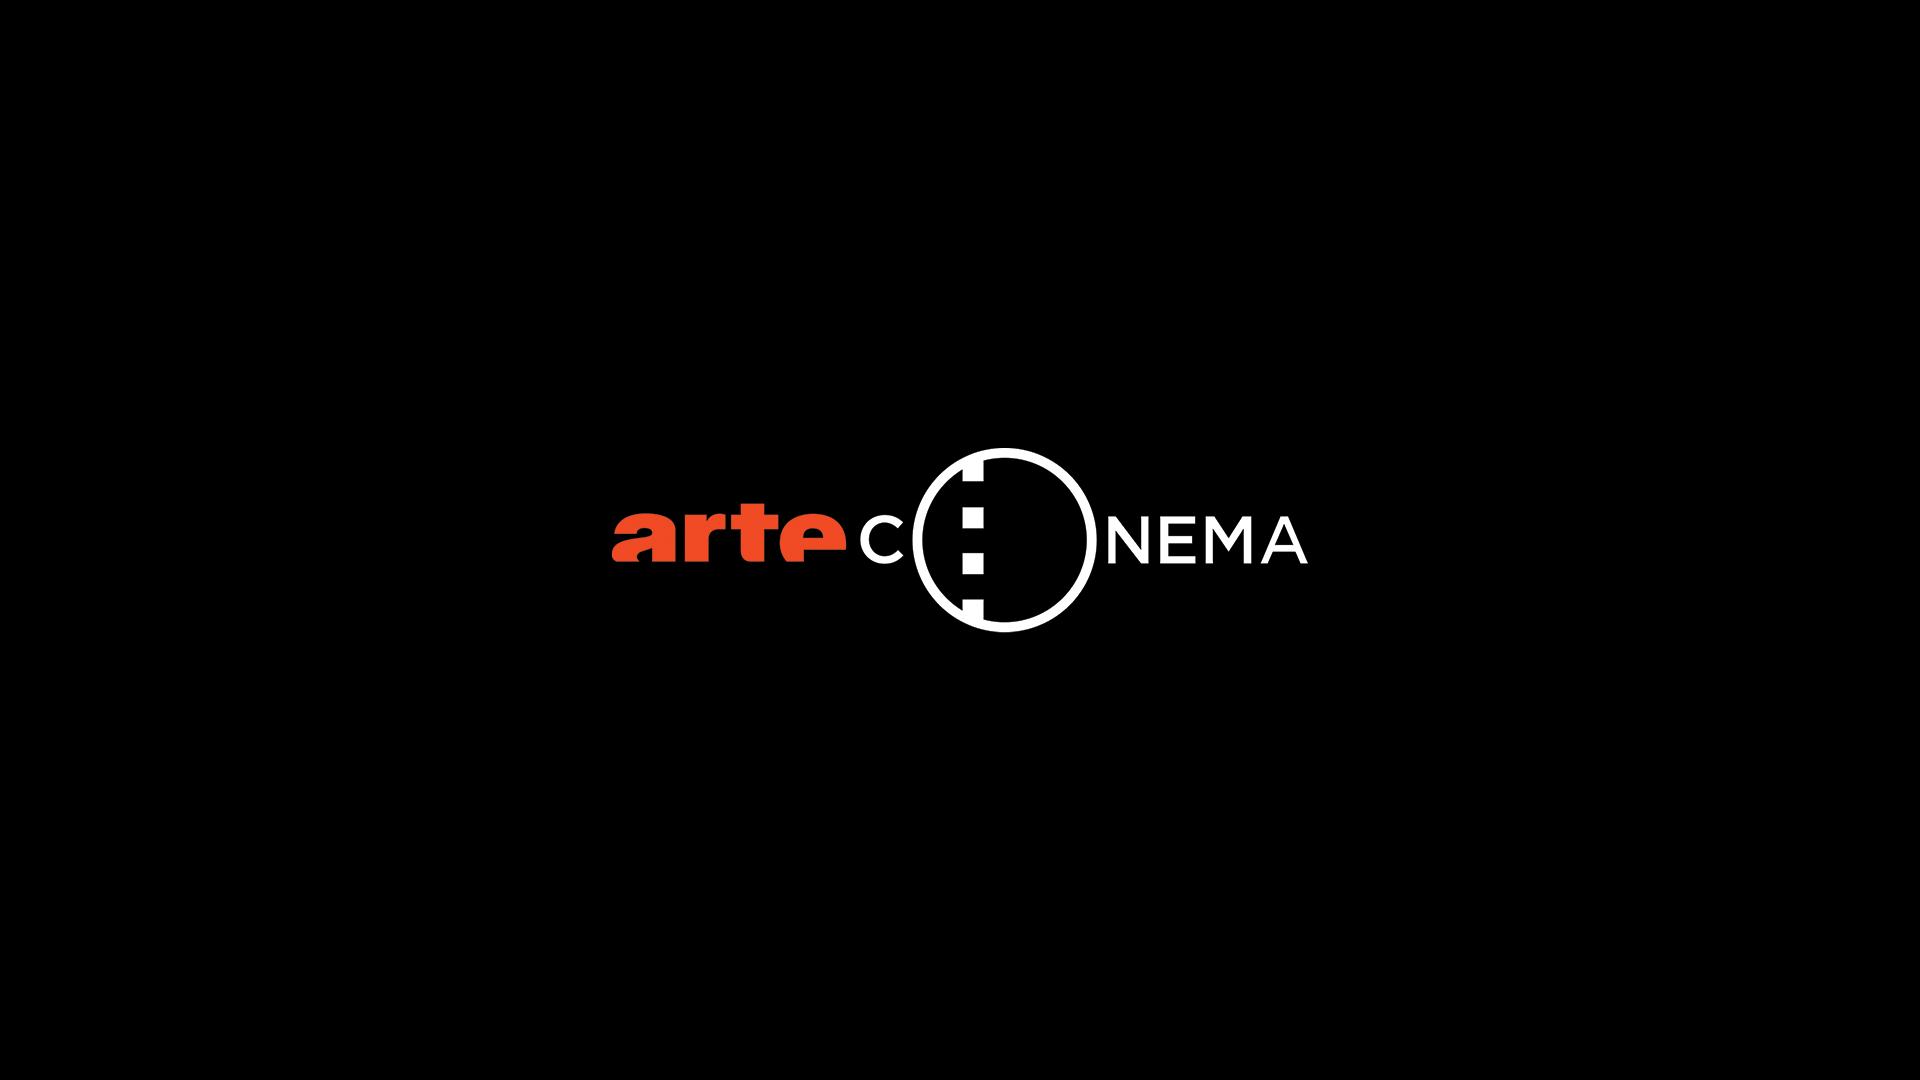 ARTE Cinéma